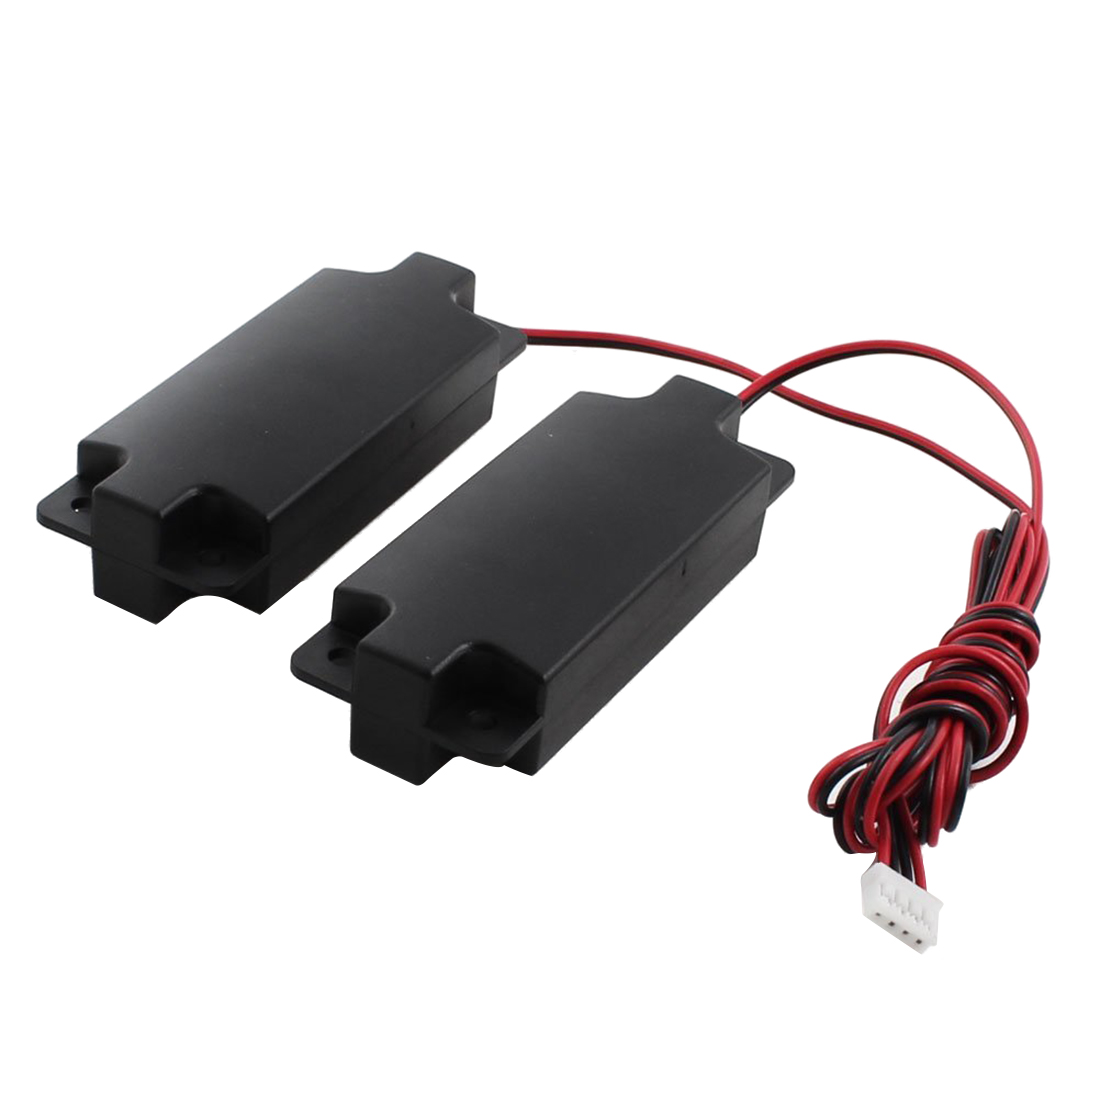 1 Paar 4-pin Balance Plug Rechthoek Magneet Speaker Versterker 3 W 8 Ohm Duidelijke Textuur